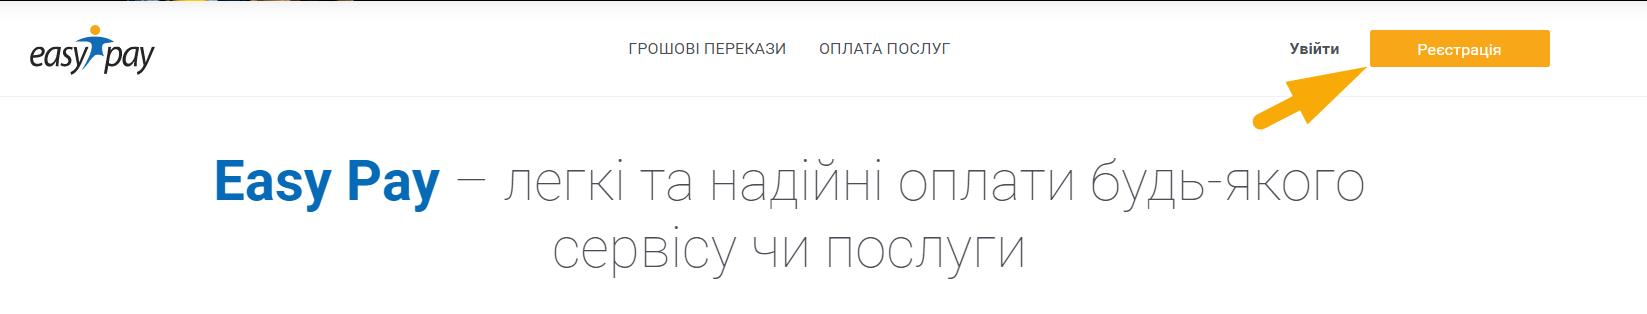 Як сплатити Миколаївгаз збут - крок 1